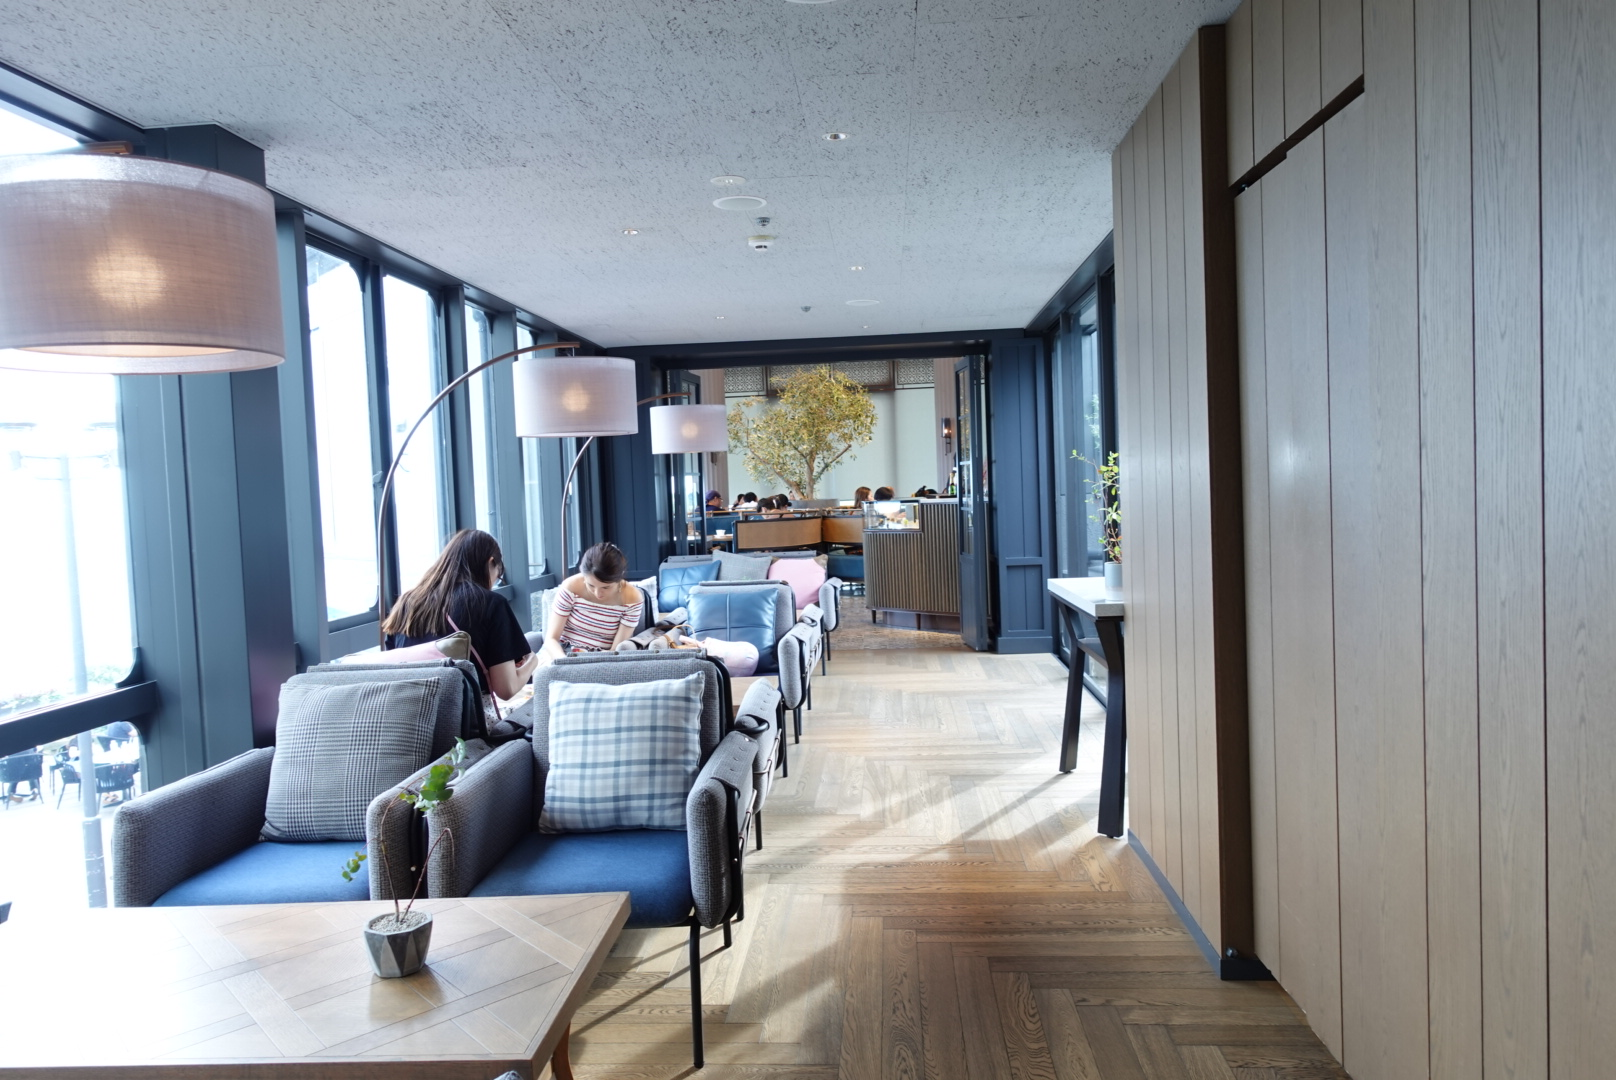 【神戸】神戸布引ハーブ園にいってみたらお洒落なテラスのカフェとハンモックがあってインスタ映えスポットだった_6